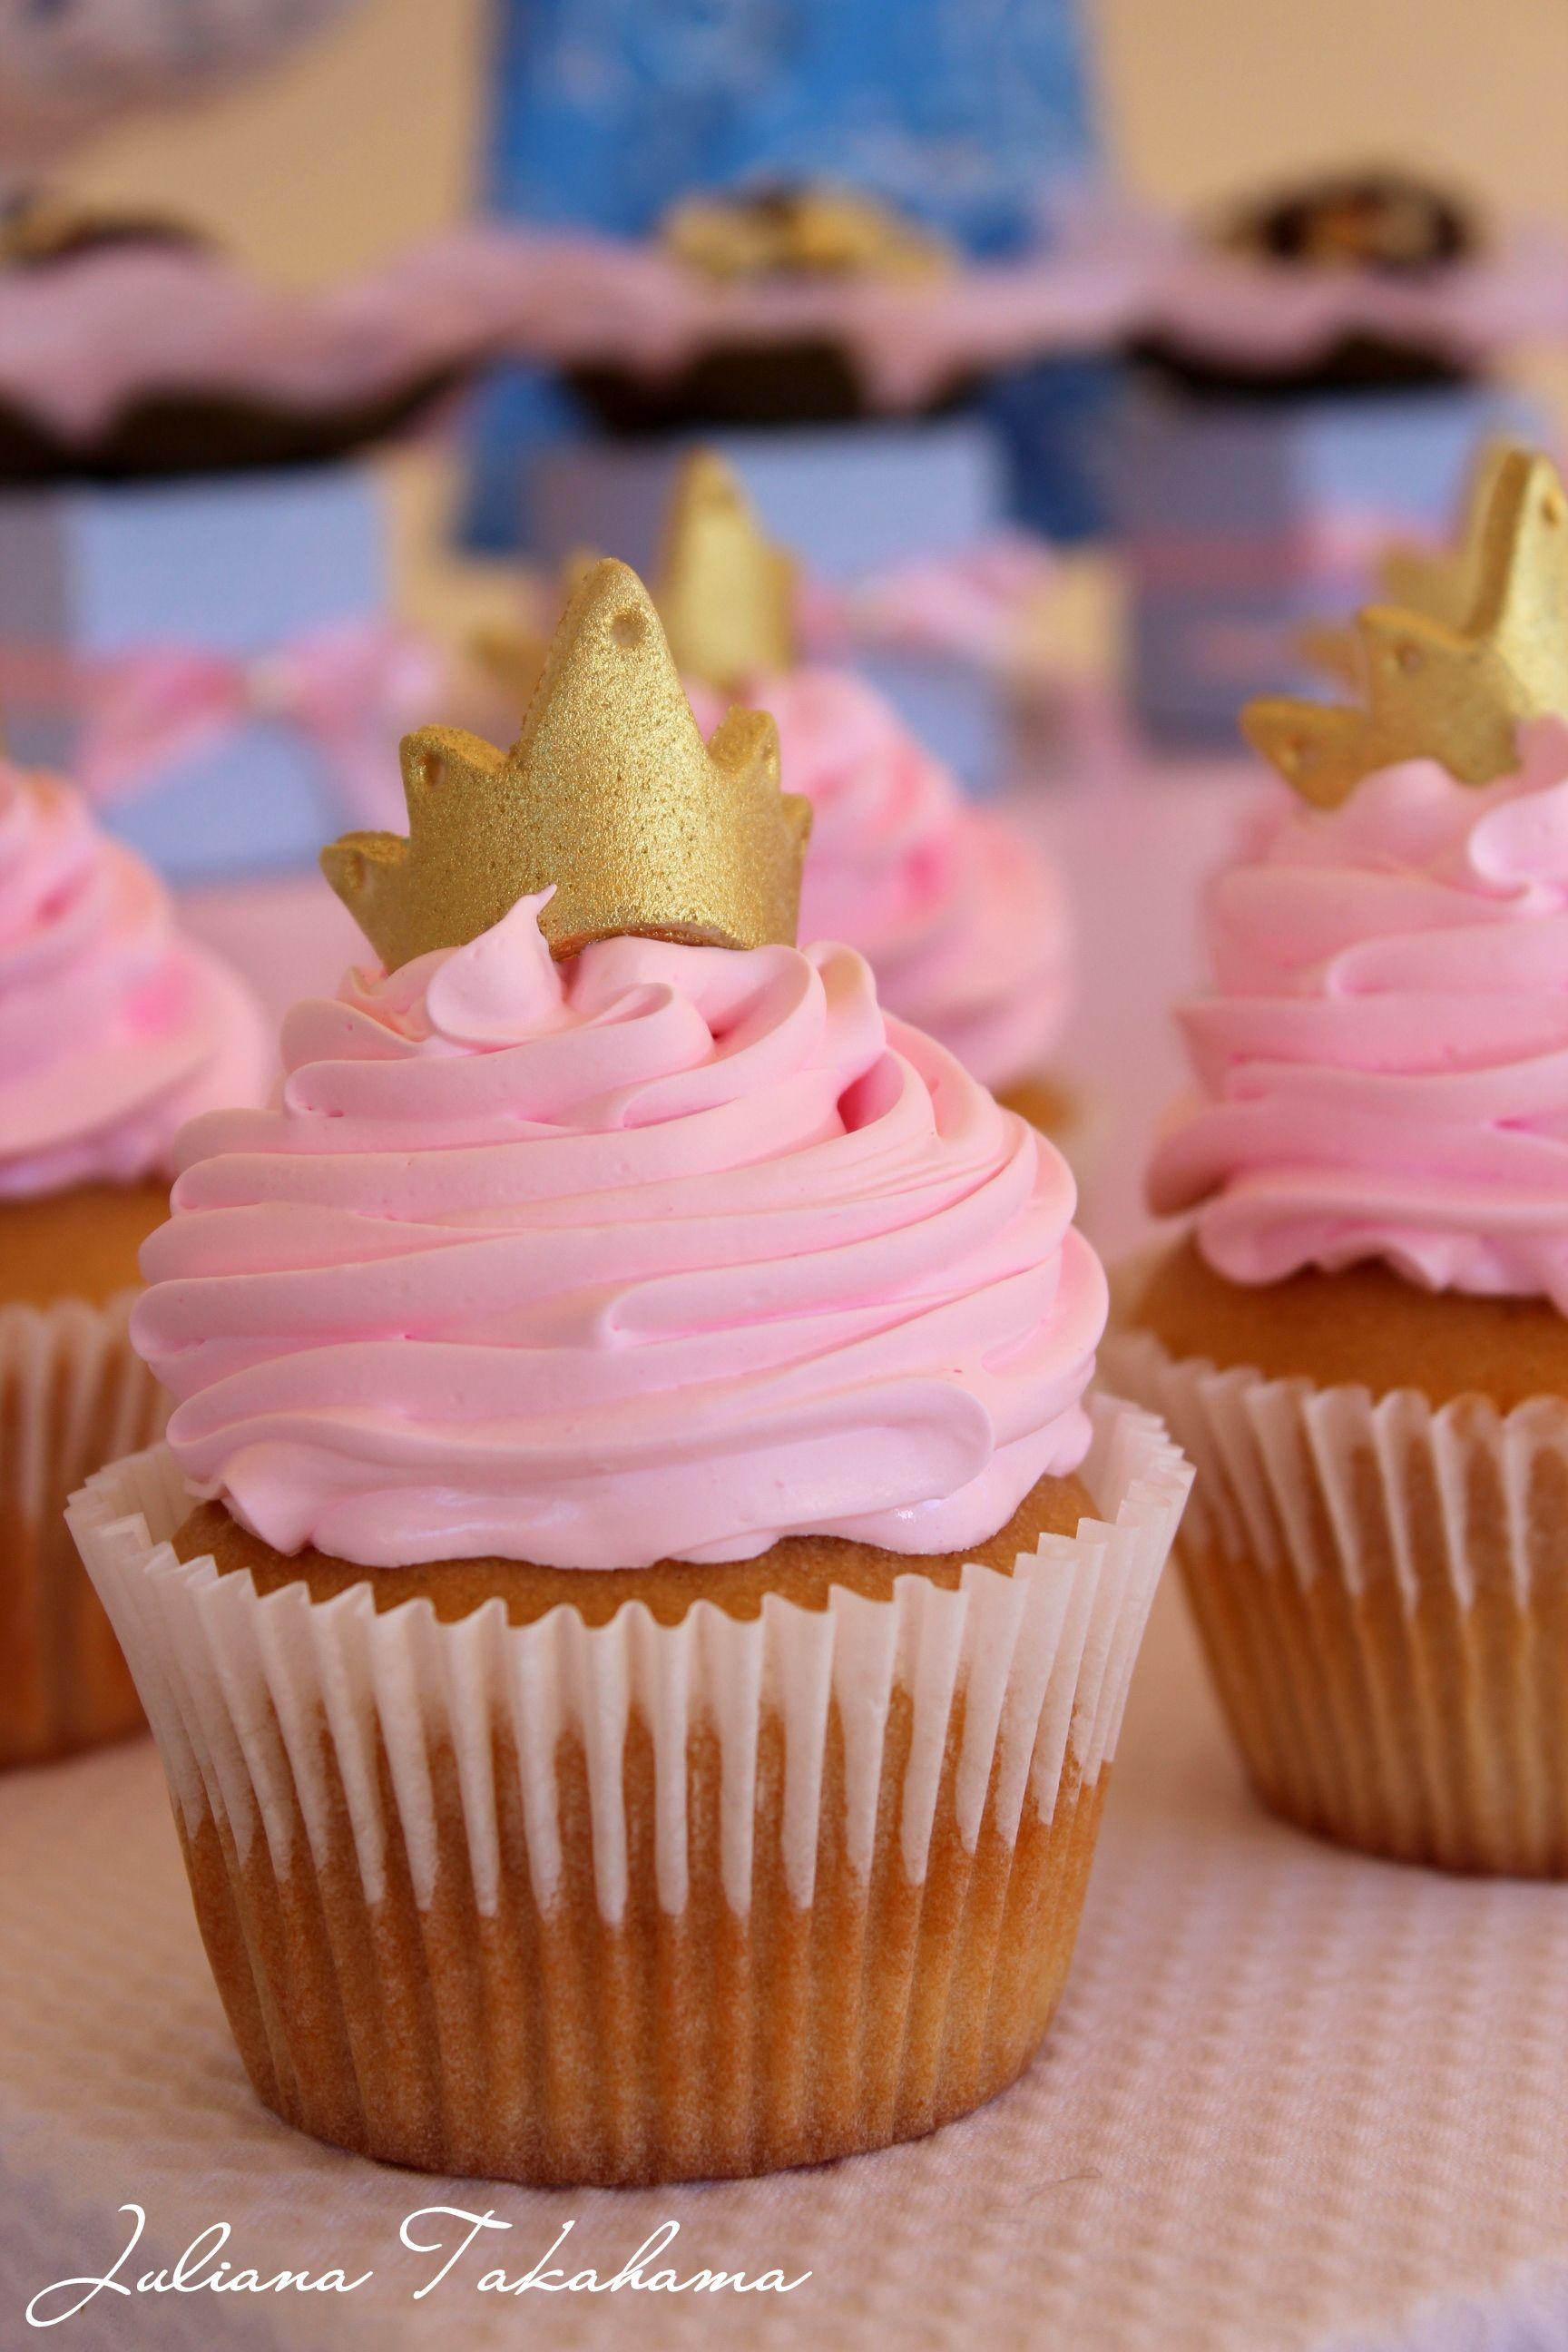 #princess party #cupcake